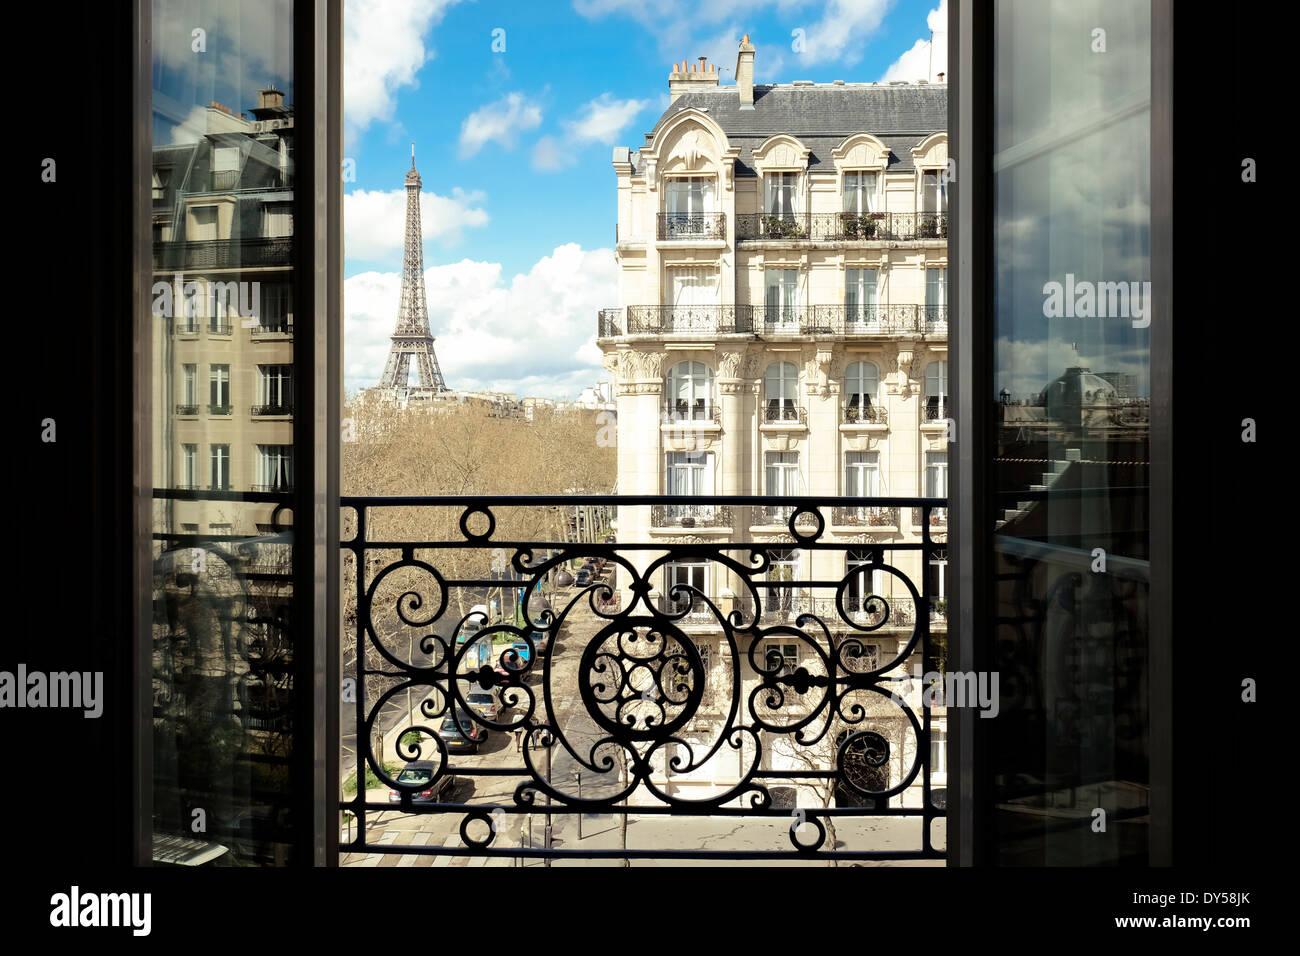 La Torre Eiffel, Paris, Francia, osservata attraverso una finestra aperta. Immagini Stock